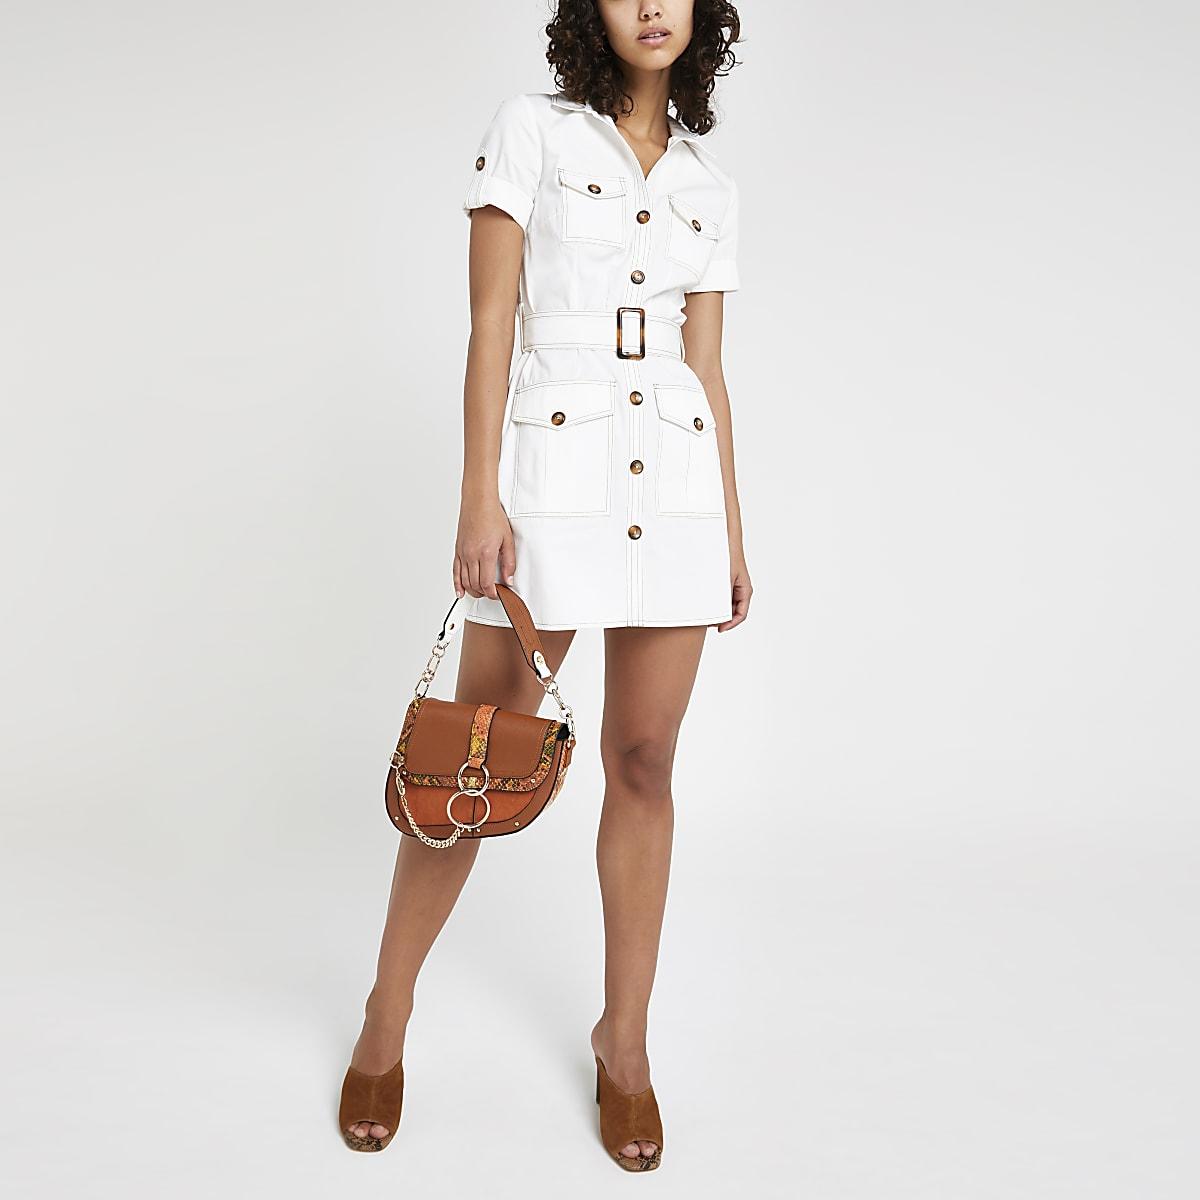 780848c1e9 Robe chemise fonctionnelle blanche à manches courtes Robe chemise  fonctionnelle blanche à manches courtes ...